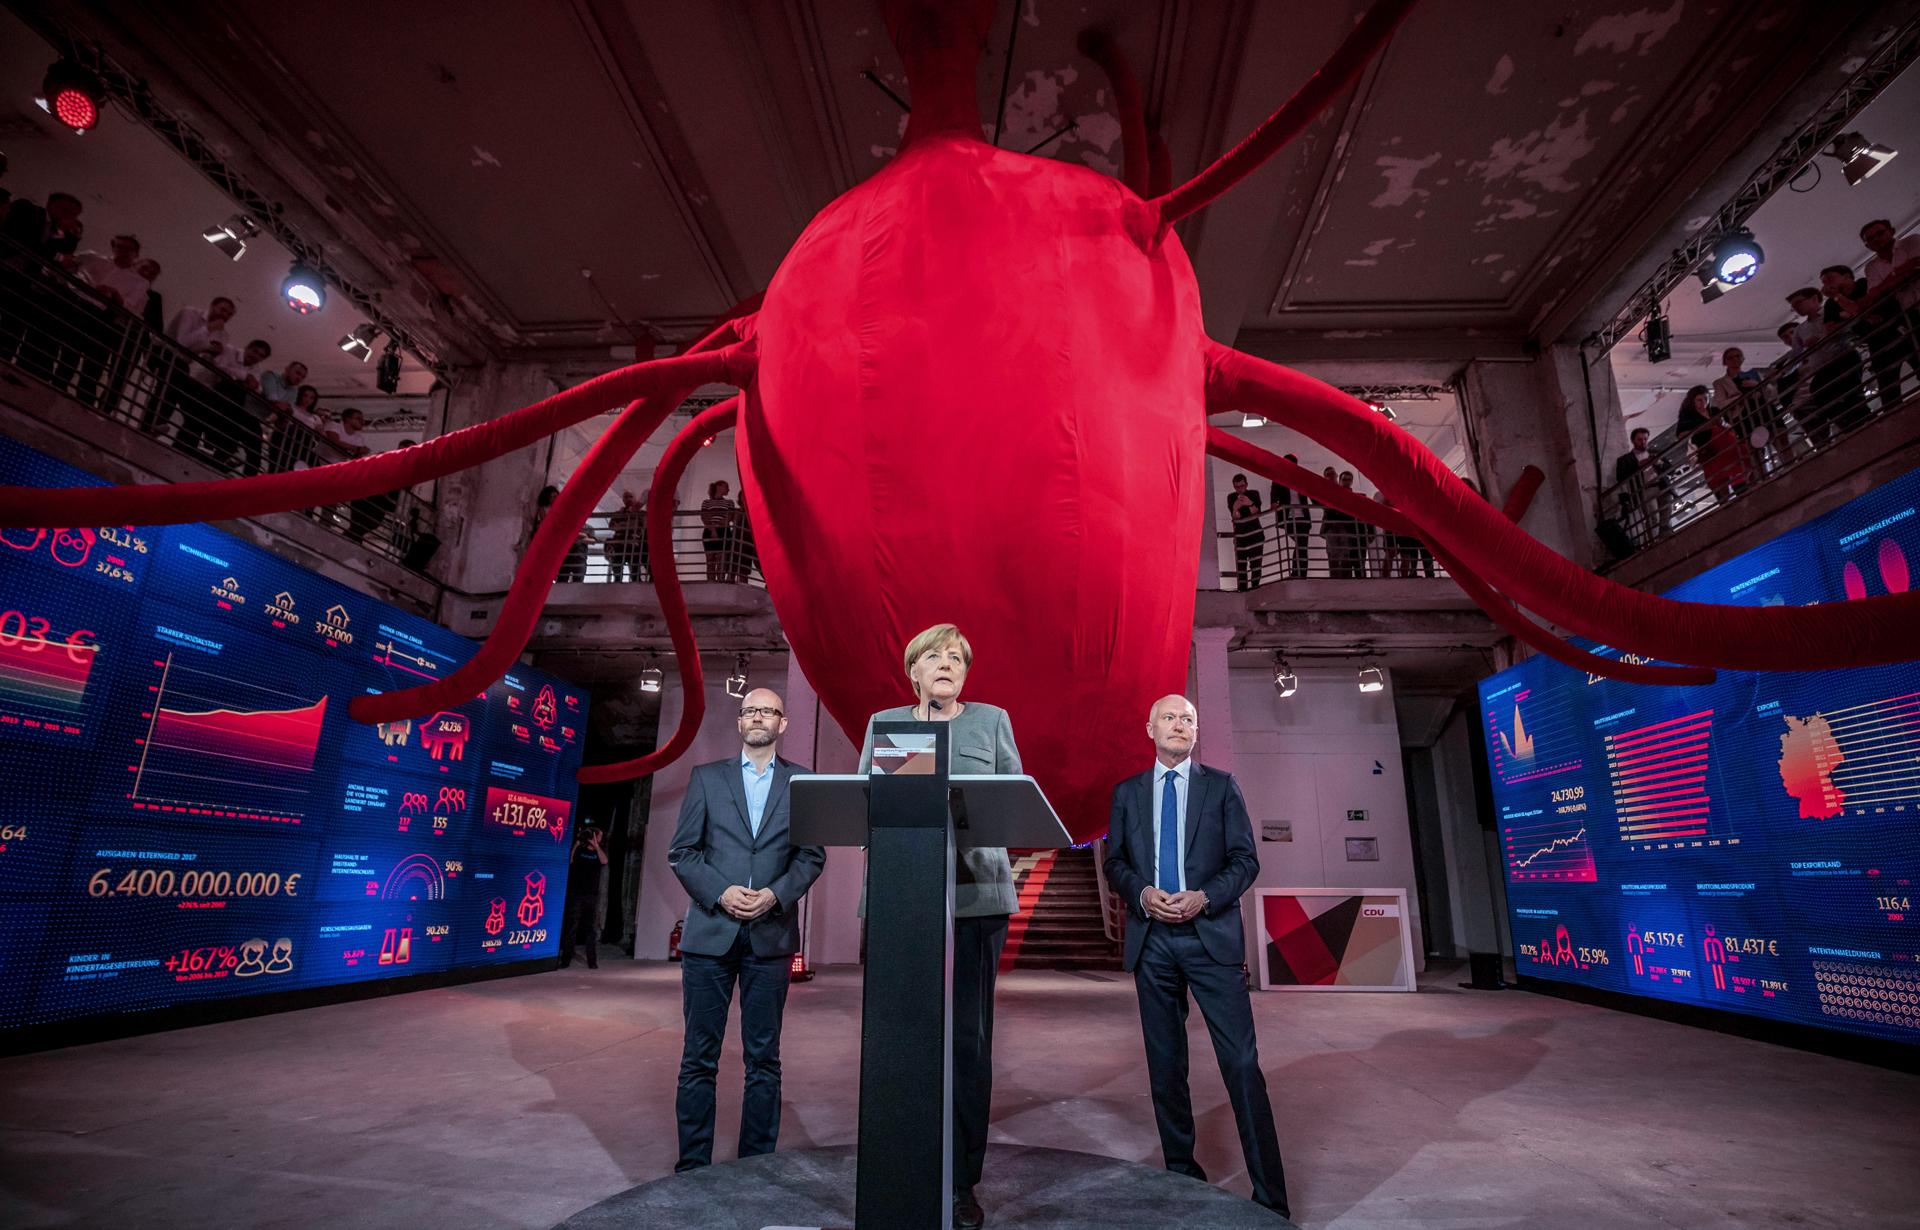 Merkel_on_Stage